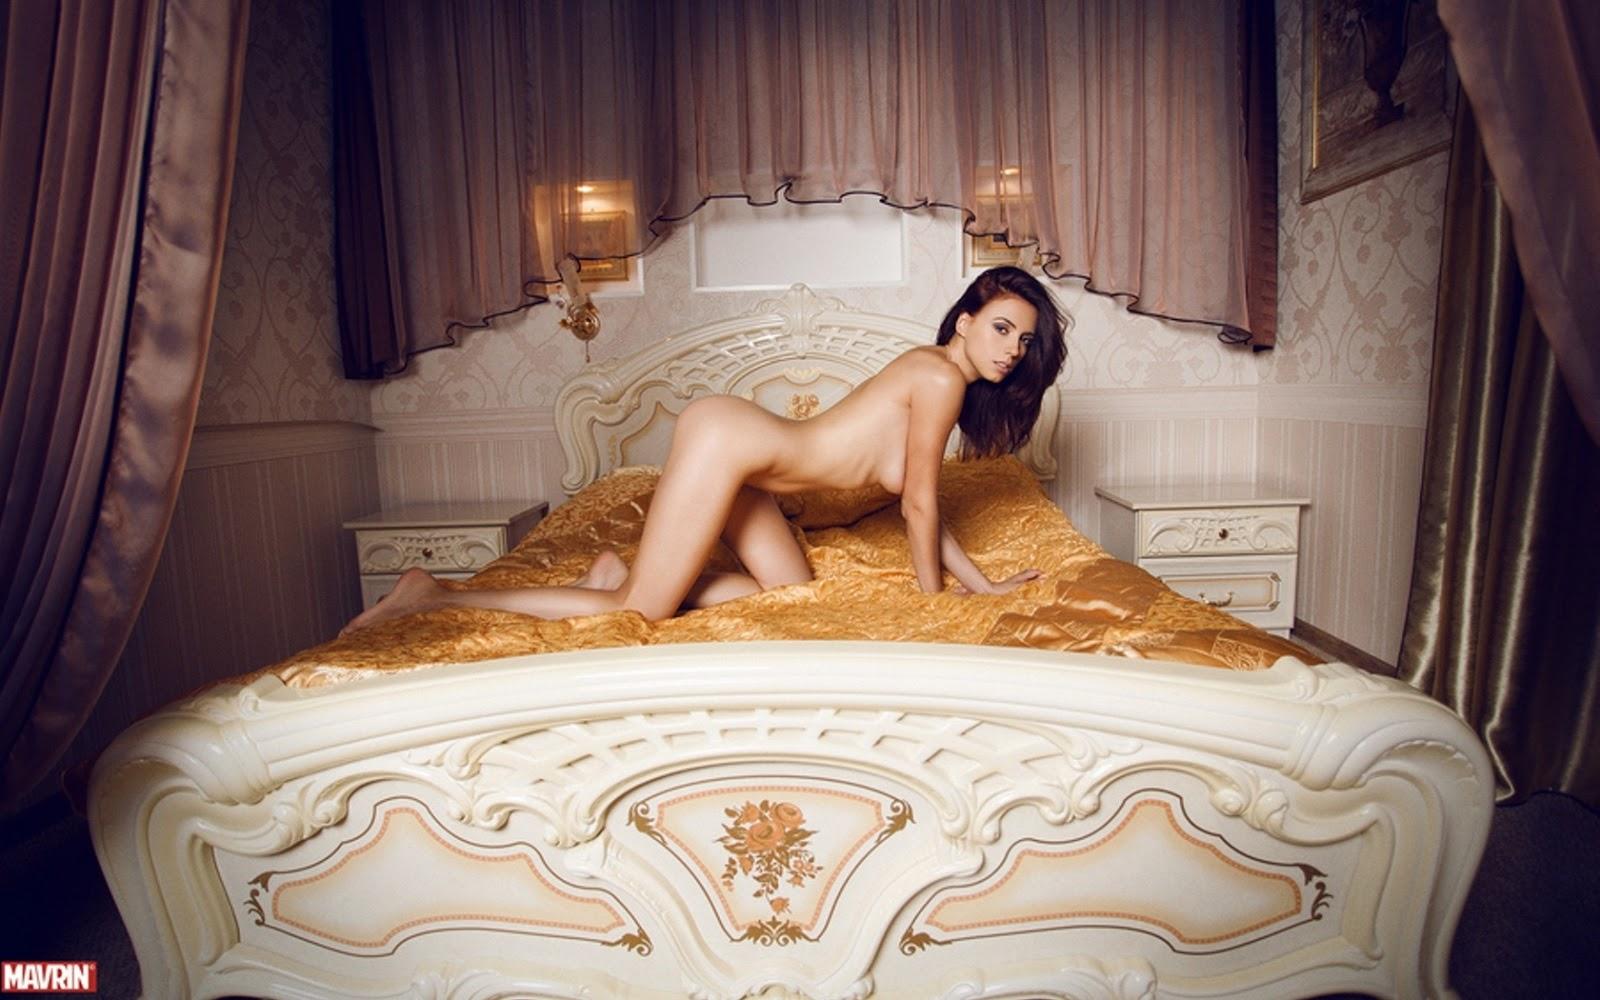 Смотреть онлайн секс оперу 1 фотография